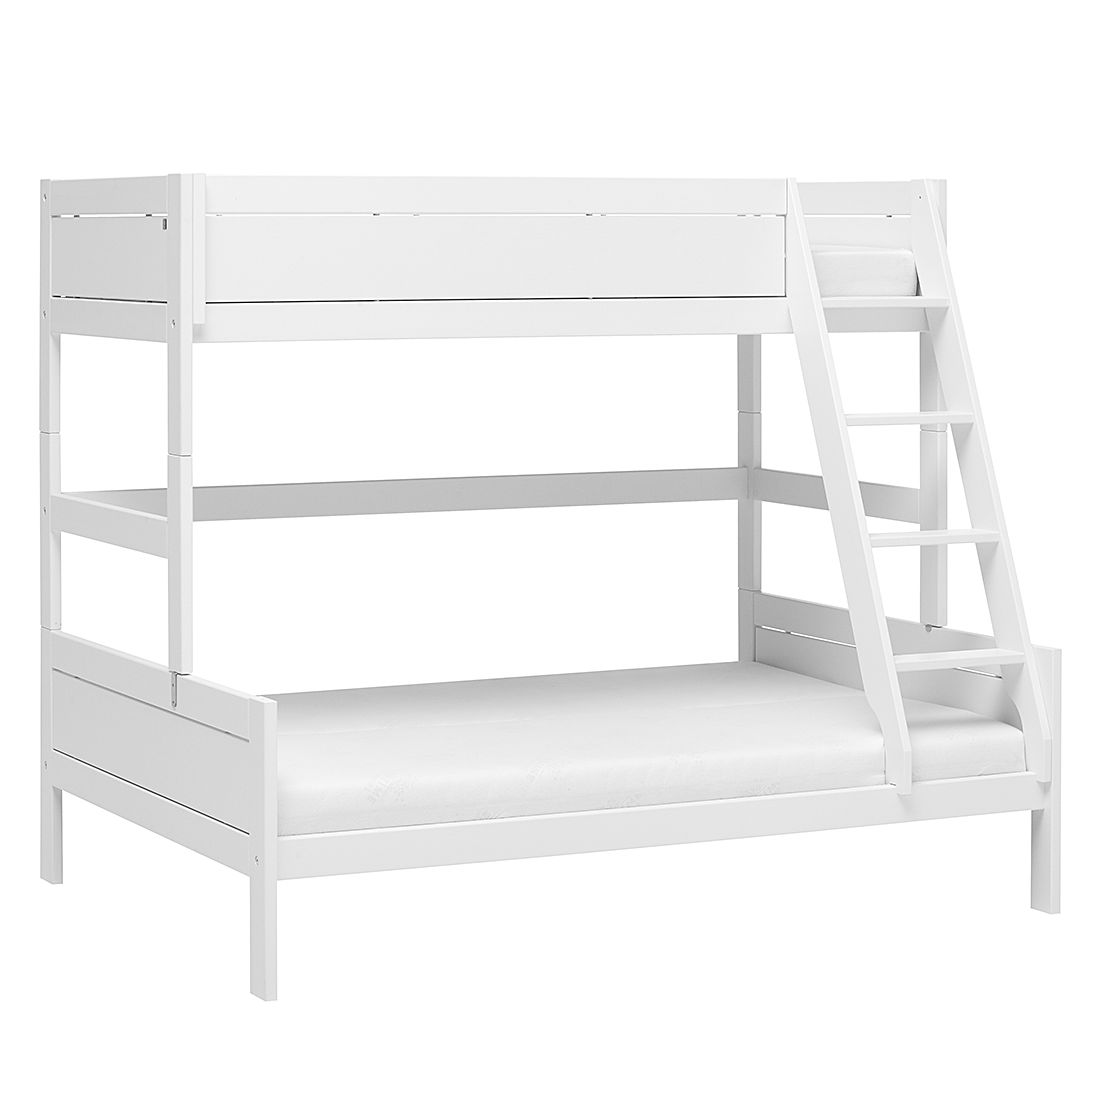 Etagenbett Lifetime Original - Kiefer teilmassiv - Weiß - Liegefläche: 90/140 x 200 cm - mit Deluxe Lattenrost oben & Bettkasten, Lifetime Kidsrooms